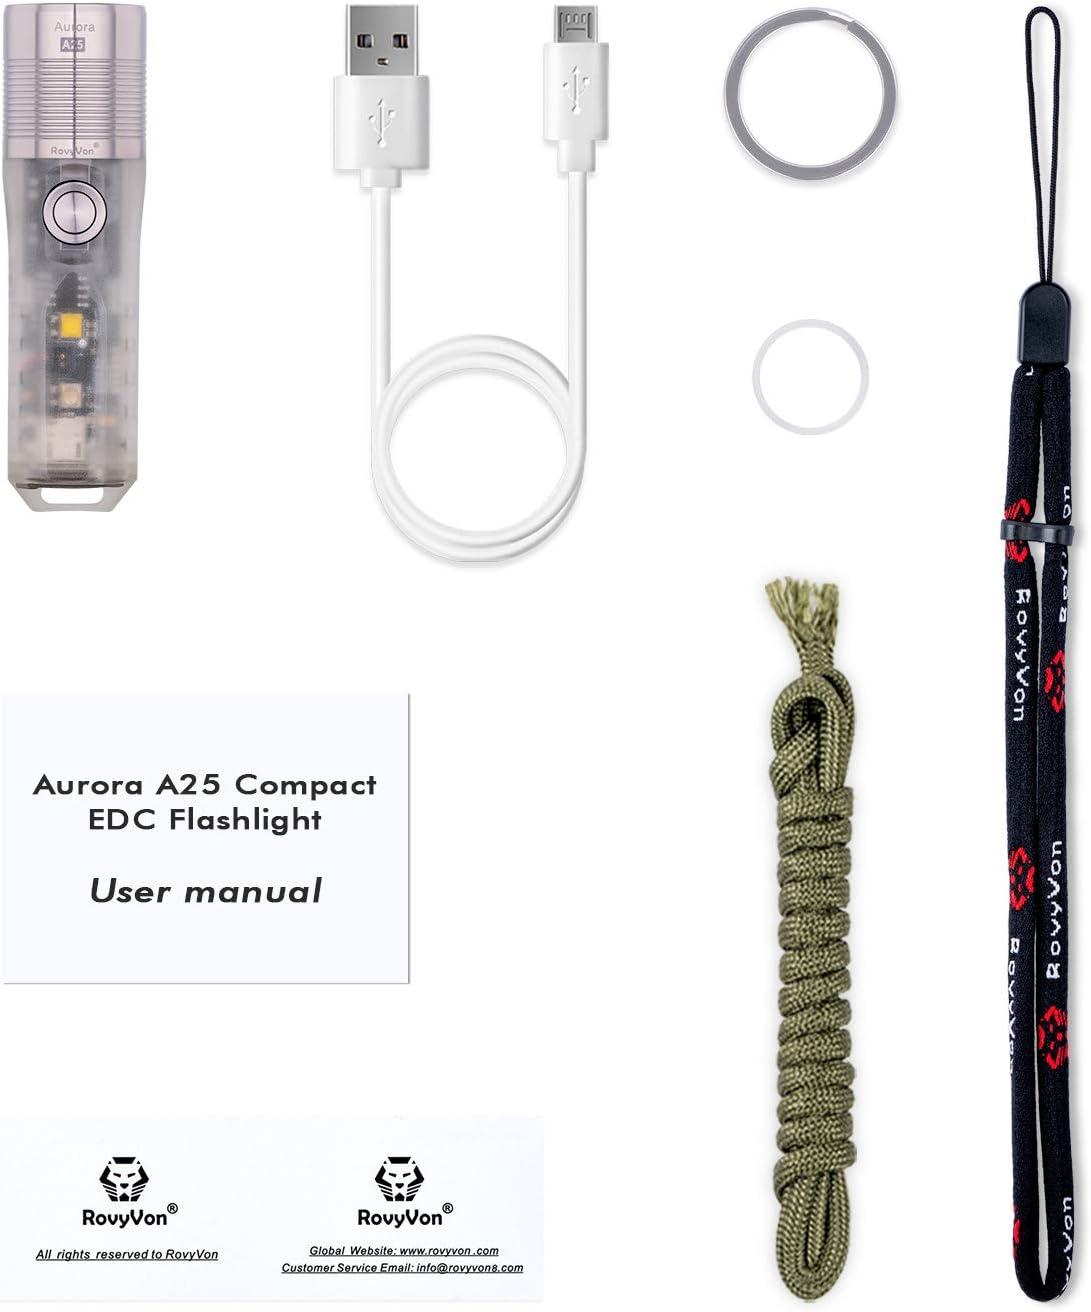 Linterna UV RovyVon Aurora A25